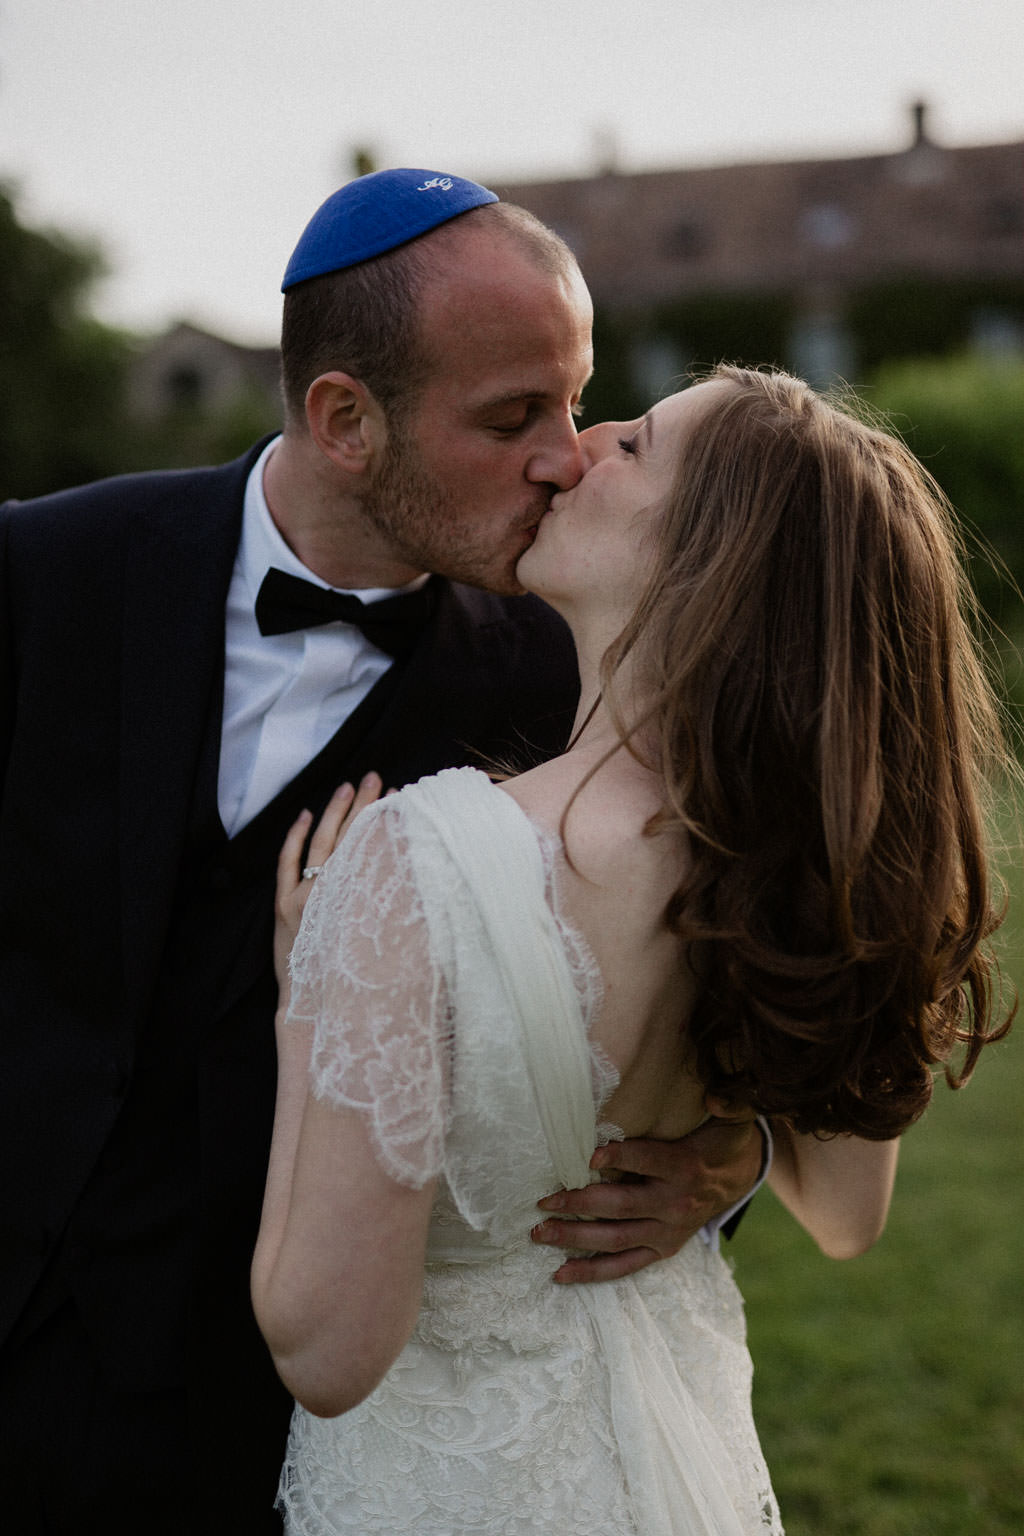 Le baiser des mariés dans la lumière dorée de la golden hour